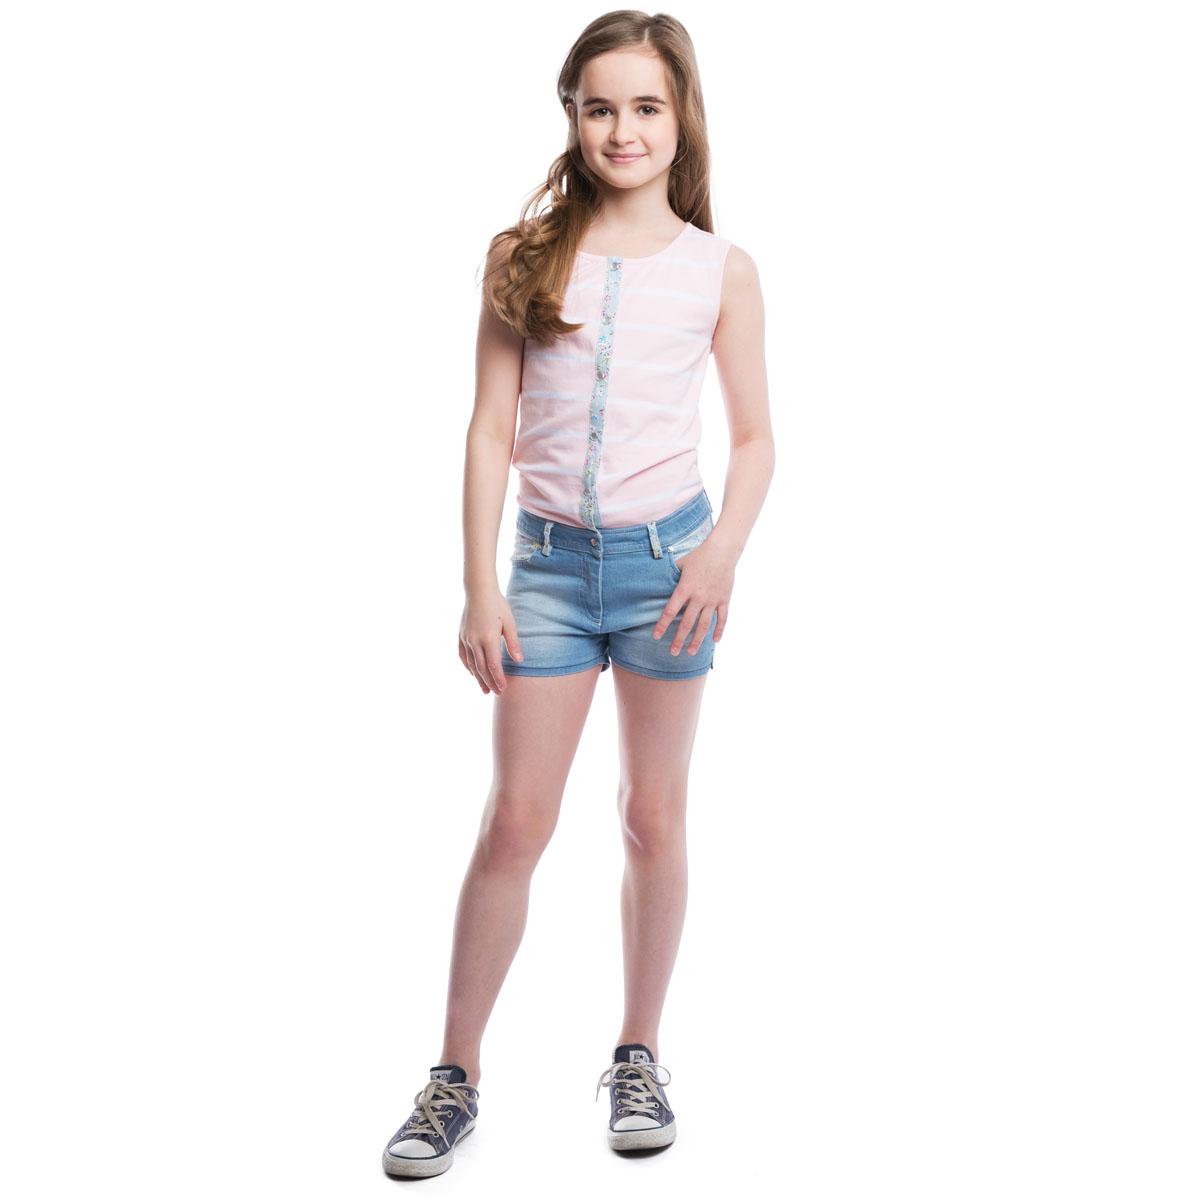 264006Стильный полукомбинезон для девочки выполнен в виде майки с джинсовыми шортиками. Изготовленный из эластичного хлопка полукомбинезон без рукавов и с круглым вырезом горловины застегивается на перламутровые пуговки, шортики имеют ширинку-молнию, благодаря чему он надежно и удобно сидит. Спереди модель дополнена двумя втачными кармашками, а сзади - двумя накладными карманами, украшенными фигурными прострочками. Имеются шлевки для ремня.